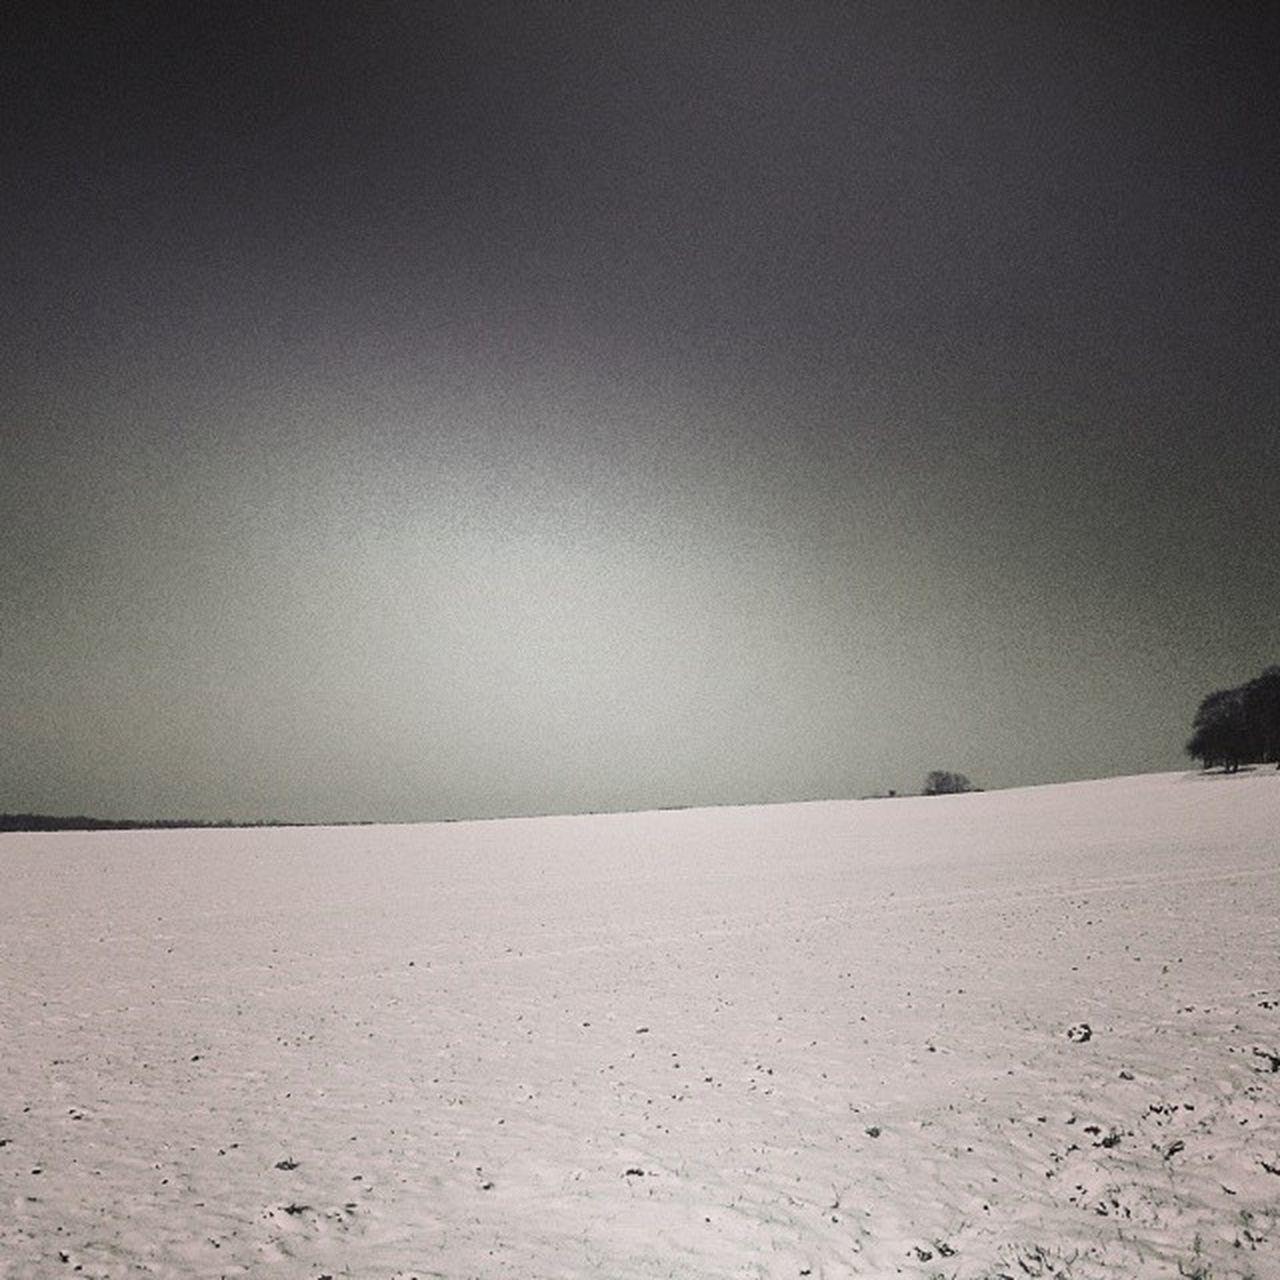 Germany Saxony Europe S ächsisch blackwhite minimal instalove snow winter arnsdorf west Dresden cold